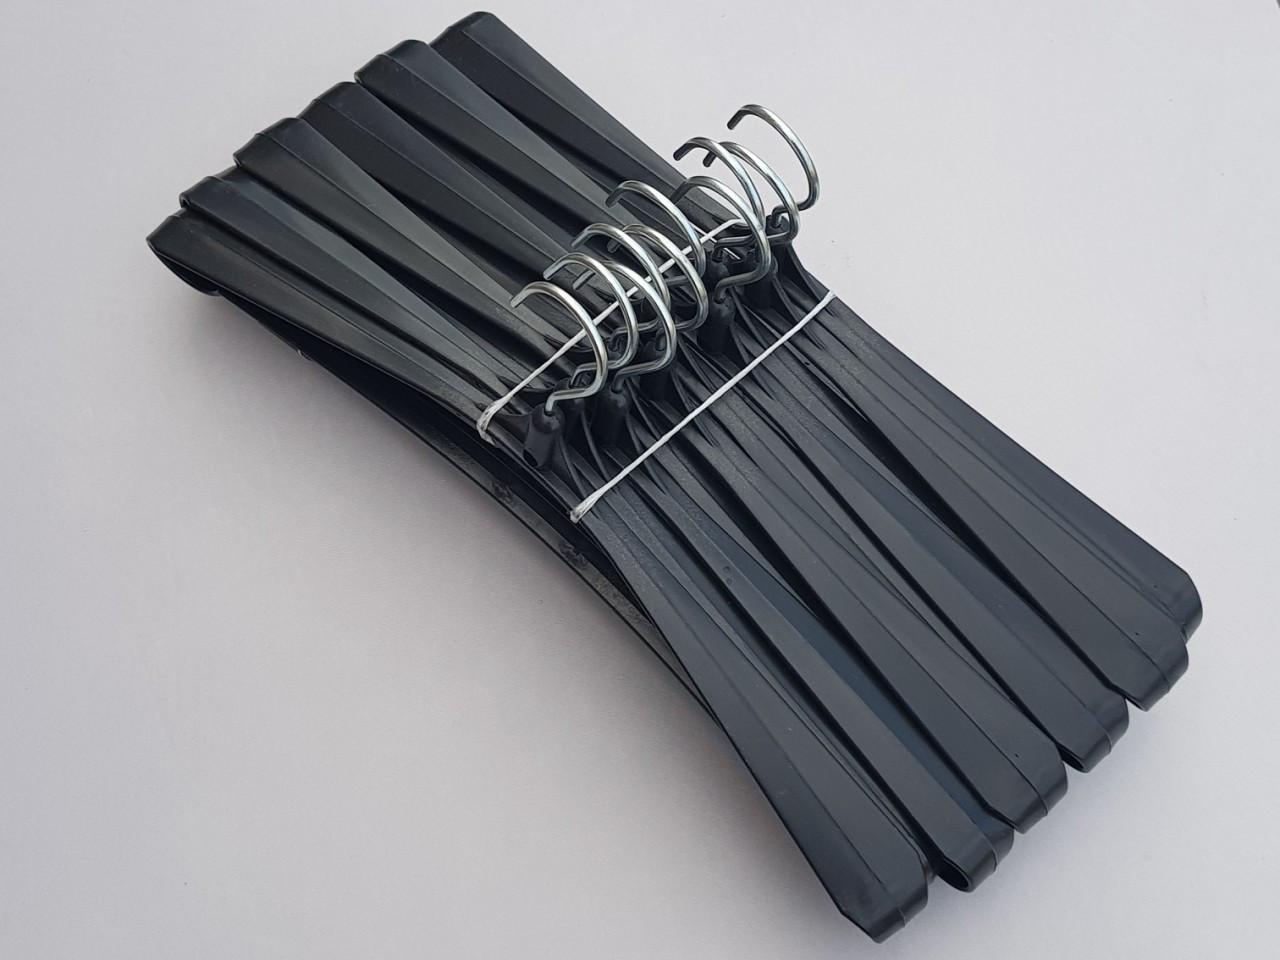 Длина 42,5 см. Плечики вешалки пластмассовые Гем-4 черного цвета, 10 штук в упаковке